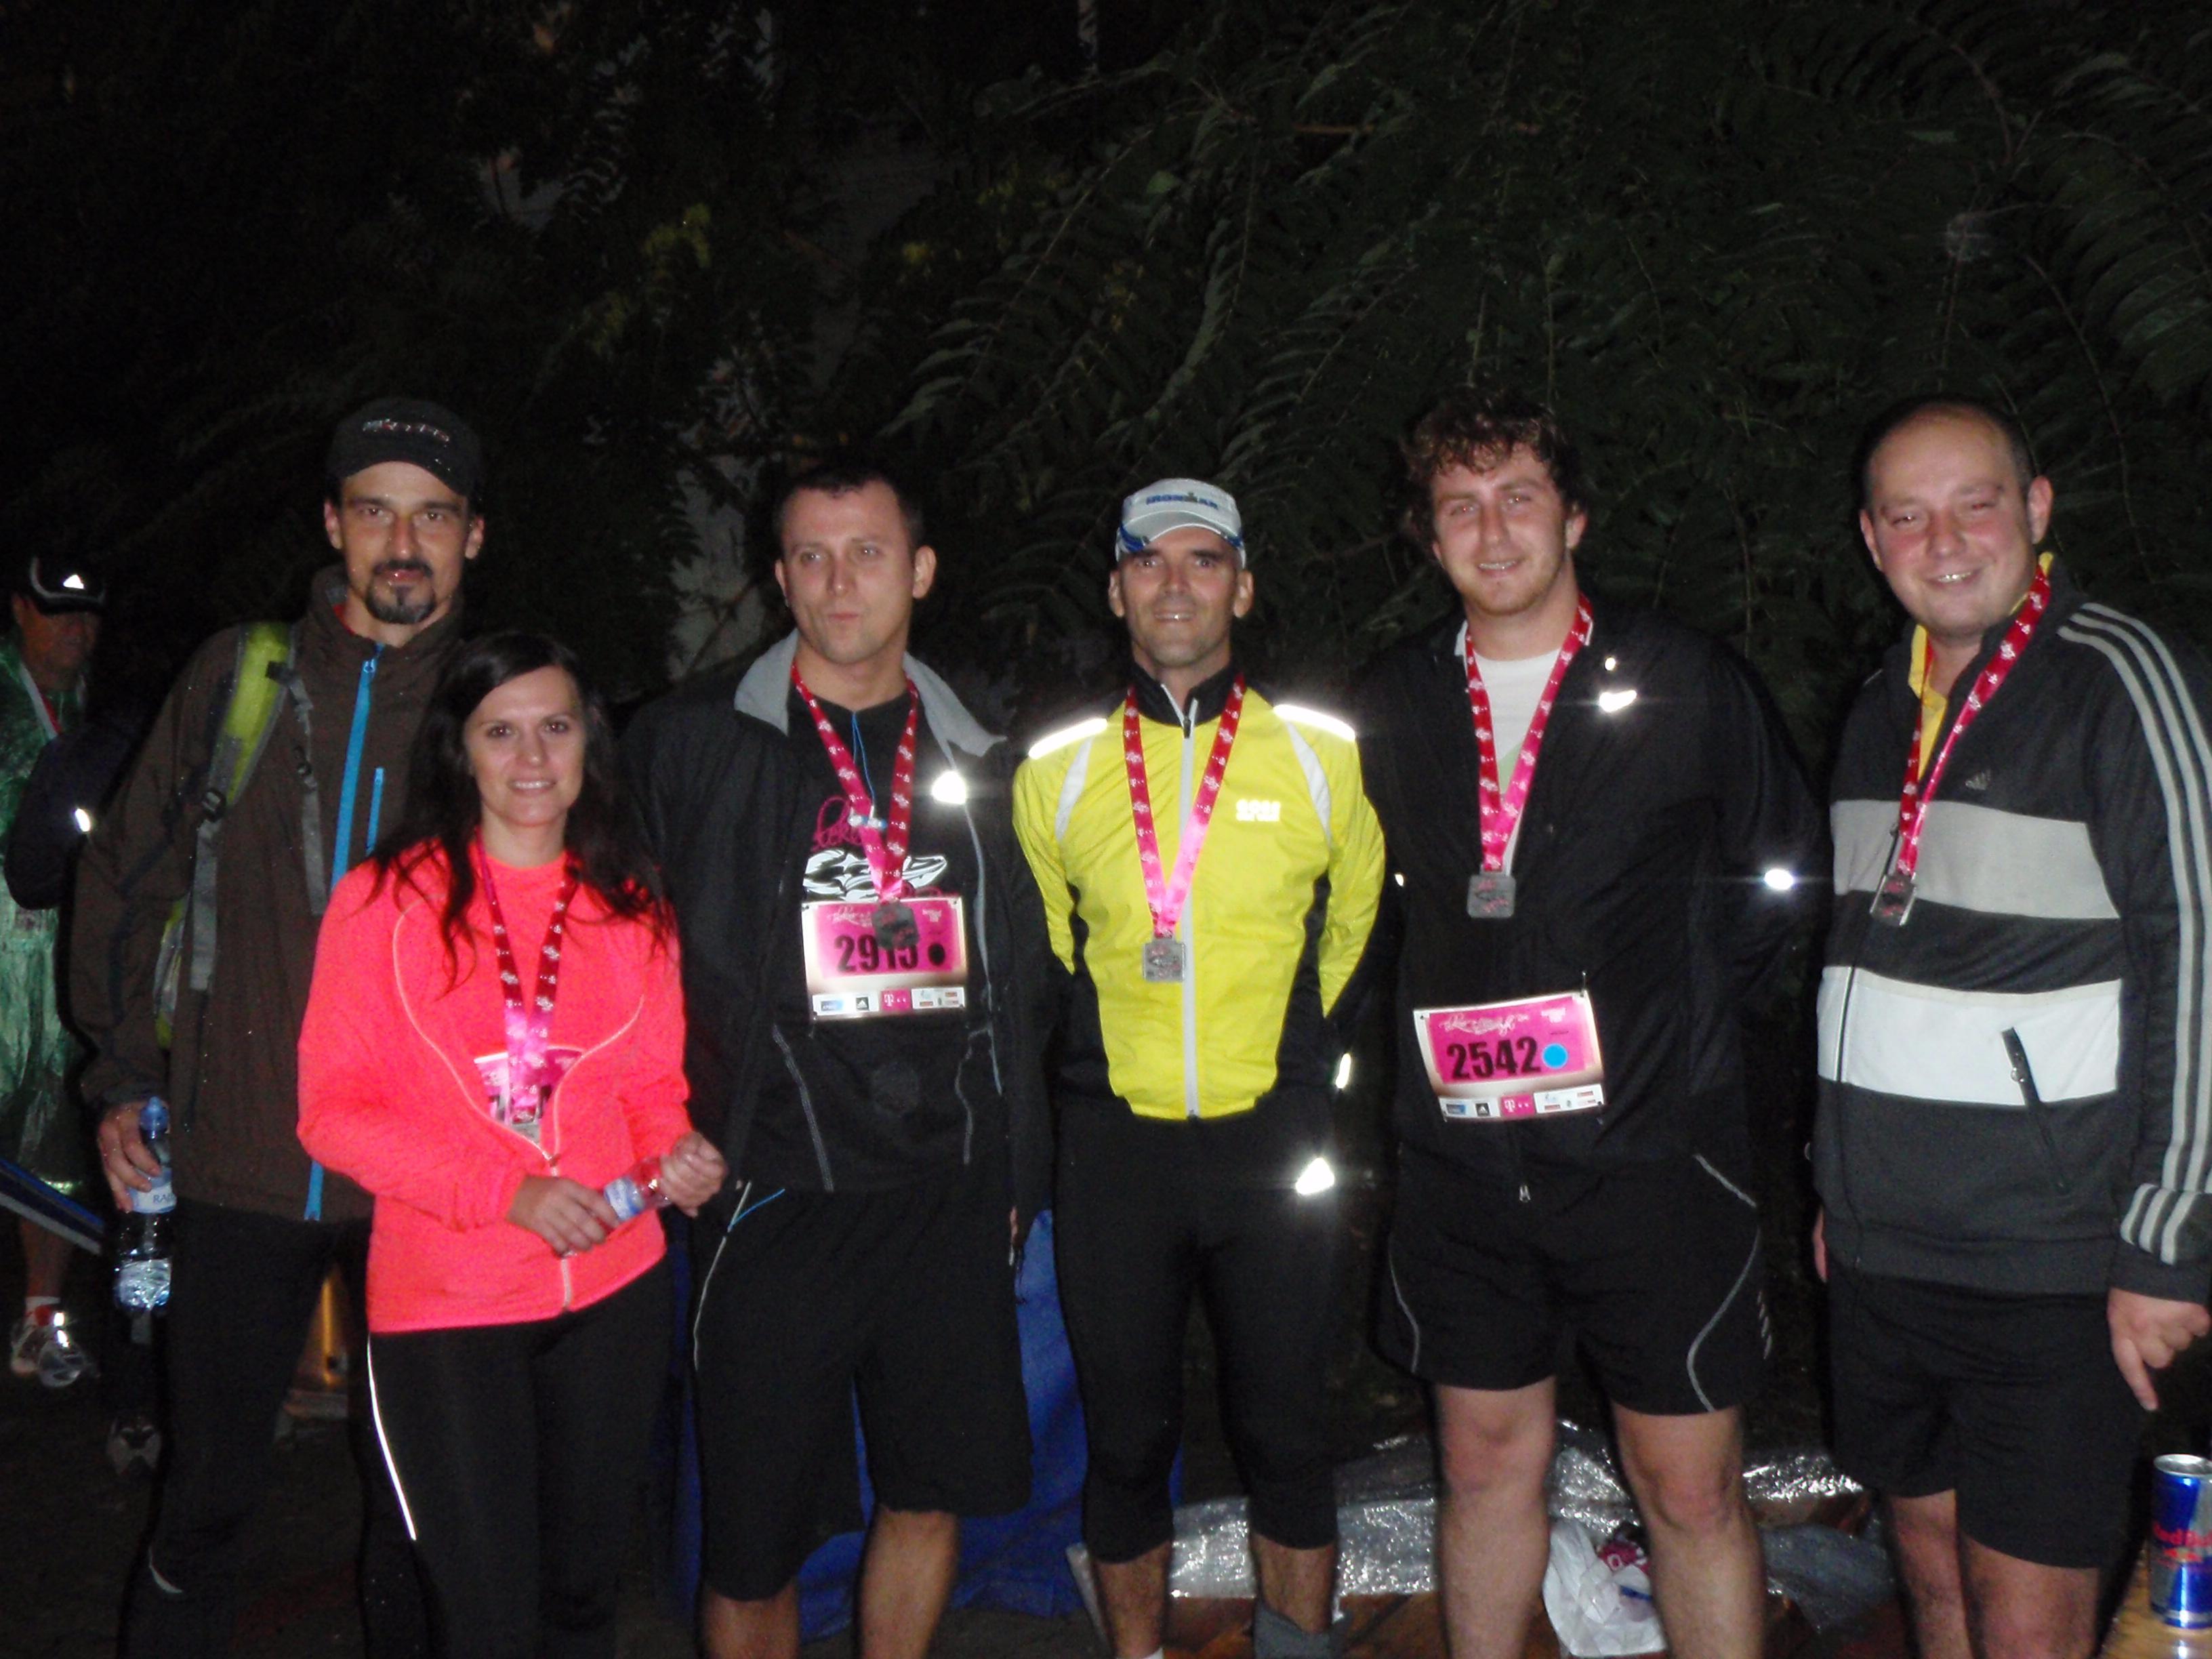 2013-09-14 Night Run